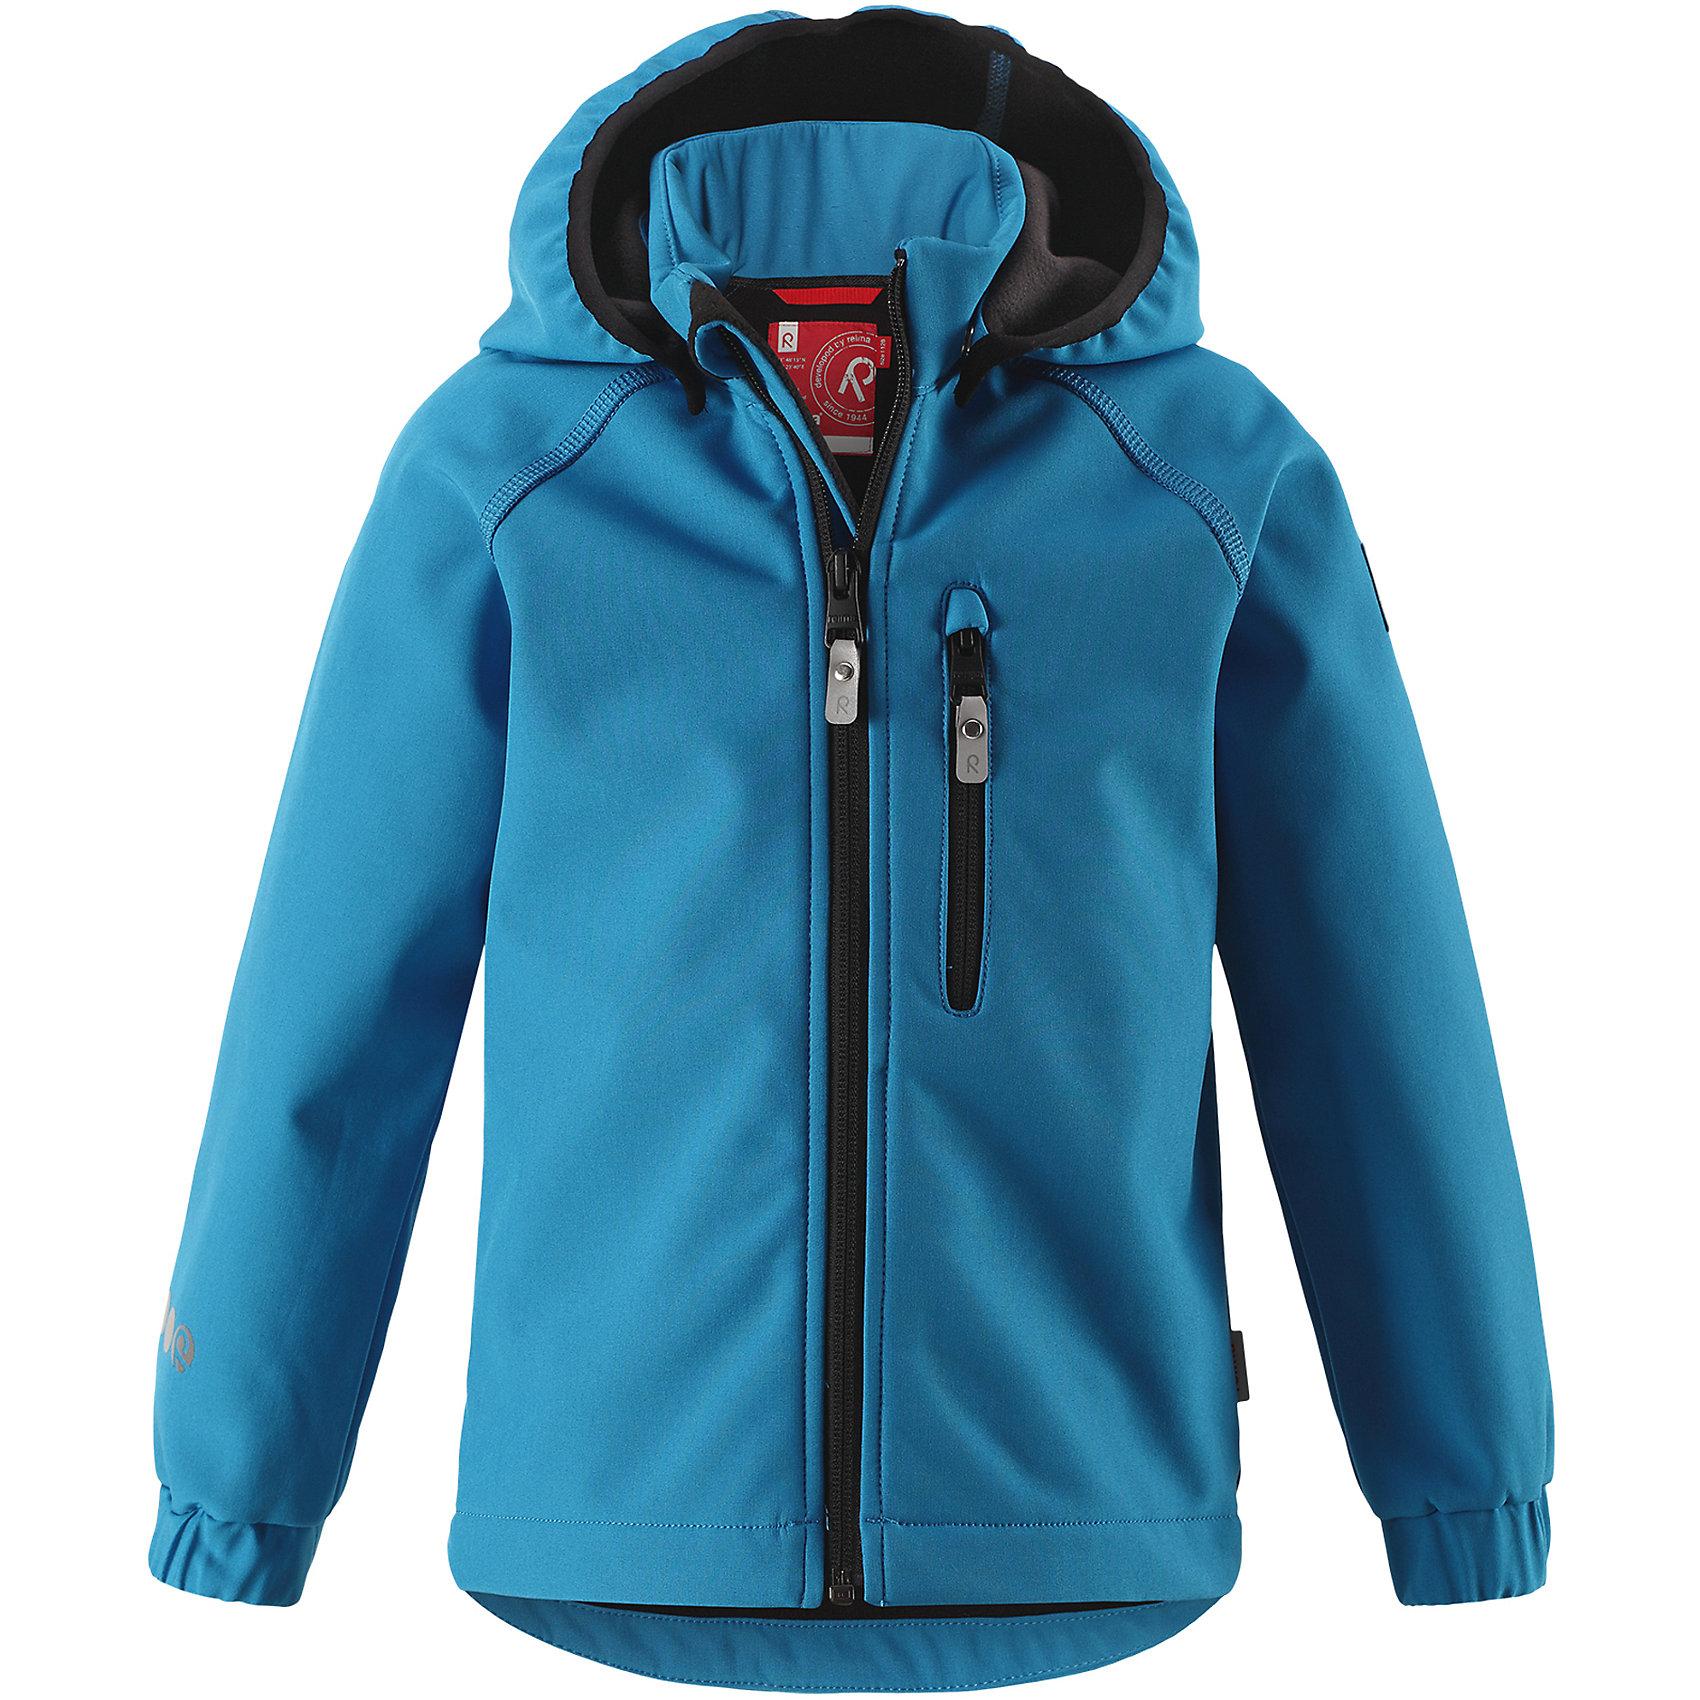 Куртка Vantti ReimaФлис и термобелье<br>Характеристики товара:<br><br>• цвет: голубой;<br>• состав: 95% полиэстер, 5% эластан, полиуретановое покрытие;<br>• утеплитель: без утеплителя;<br>• сезон: демисезон;<br>• температурный режим: от +5 до +15С;<br>• водонепроницаемость: 10000 мм;<br>• воздухопроницаемость: 4000 мм;<br>• водоотталкивающий, ветронепроницаемый и дышащий материал;<br>• многослойный материал, с изнаночной стороны - флис;<br>• водонепроницаемый материал softshell;<br>• застежка: молния с защитой подбородка от защемления;<br>• безопасный съемный капюшон;<br>• эластичные манжеты;<br>• карман на молнии;<br>• светоотражающие элементы;<br>• страна бренда: Финляндия;<br>• страна производства: Китай.<br><br>Демисезонная куртка с капюшоном изготовлена из водо и грязеотталкивающего материала softshell. Куртка на молнии, с флисовой подкладкой станет идеальным выбором для холодных весенних и осенних дней. Мягкий и эластичный материал softshell дарит ощущение комфорта. В двух карманах найдется место для всех мелочей. Благодаря эластичным сборкам на рукавах и подоле, куртка отлично сидит. Куртка без подкладки. <br><br>Куртка Vantti Reima можно купить в нашем интернет-магазине.<br><br>Ширина мм: 356<br>Глубина мм: 10<br>Высота мм: 245<br>Вес г: 519<br>Цвет: синий<br>Возраст от месяцев: 108<br>Возраст до месяцев: 120<br>Пол: Унисекс<br>Возраст: Детский<br>Размер: 140,122,92,98,104,110,116,128,134<br>SKU: 6901361